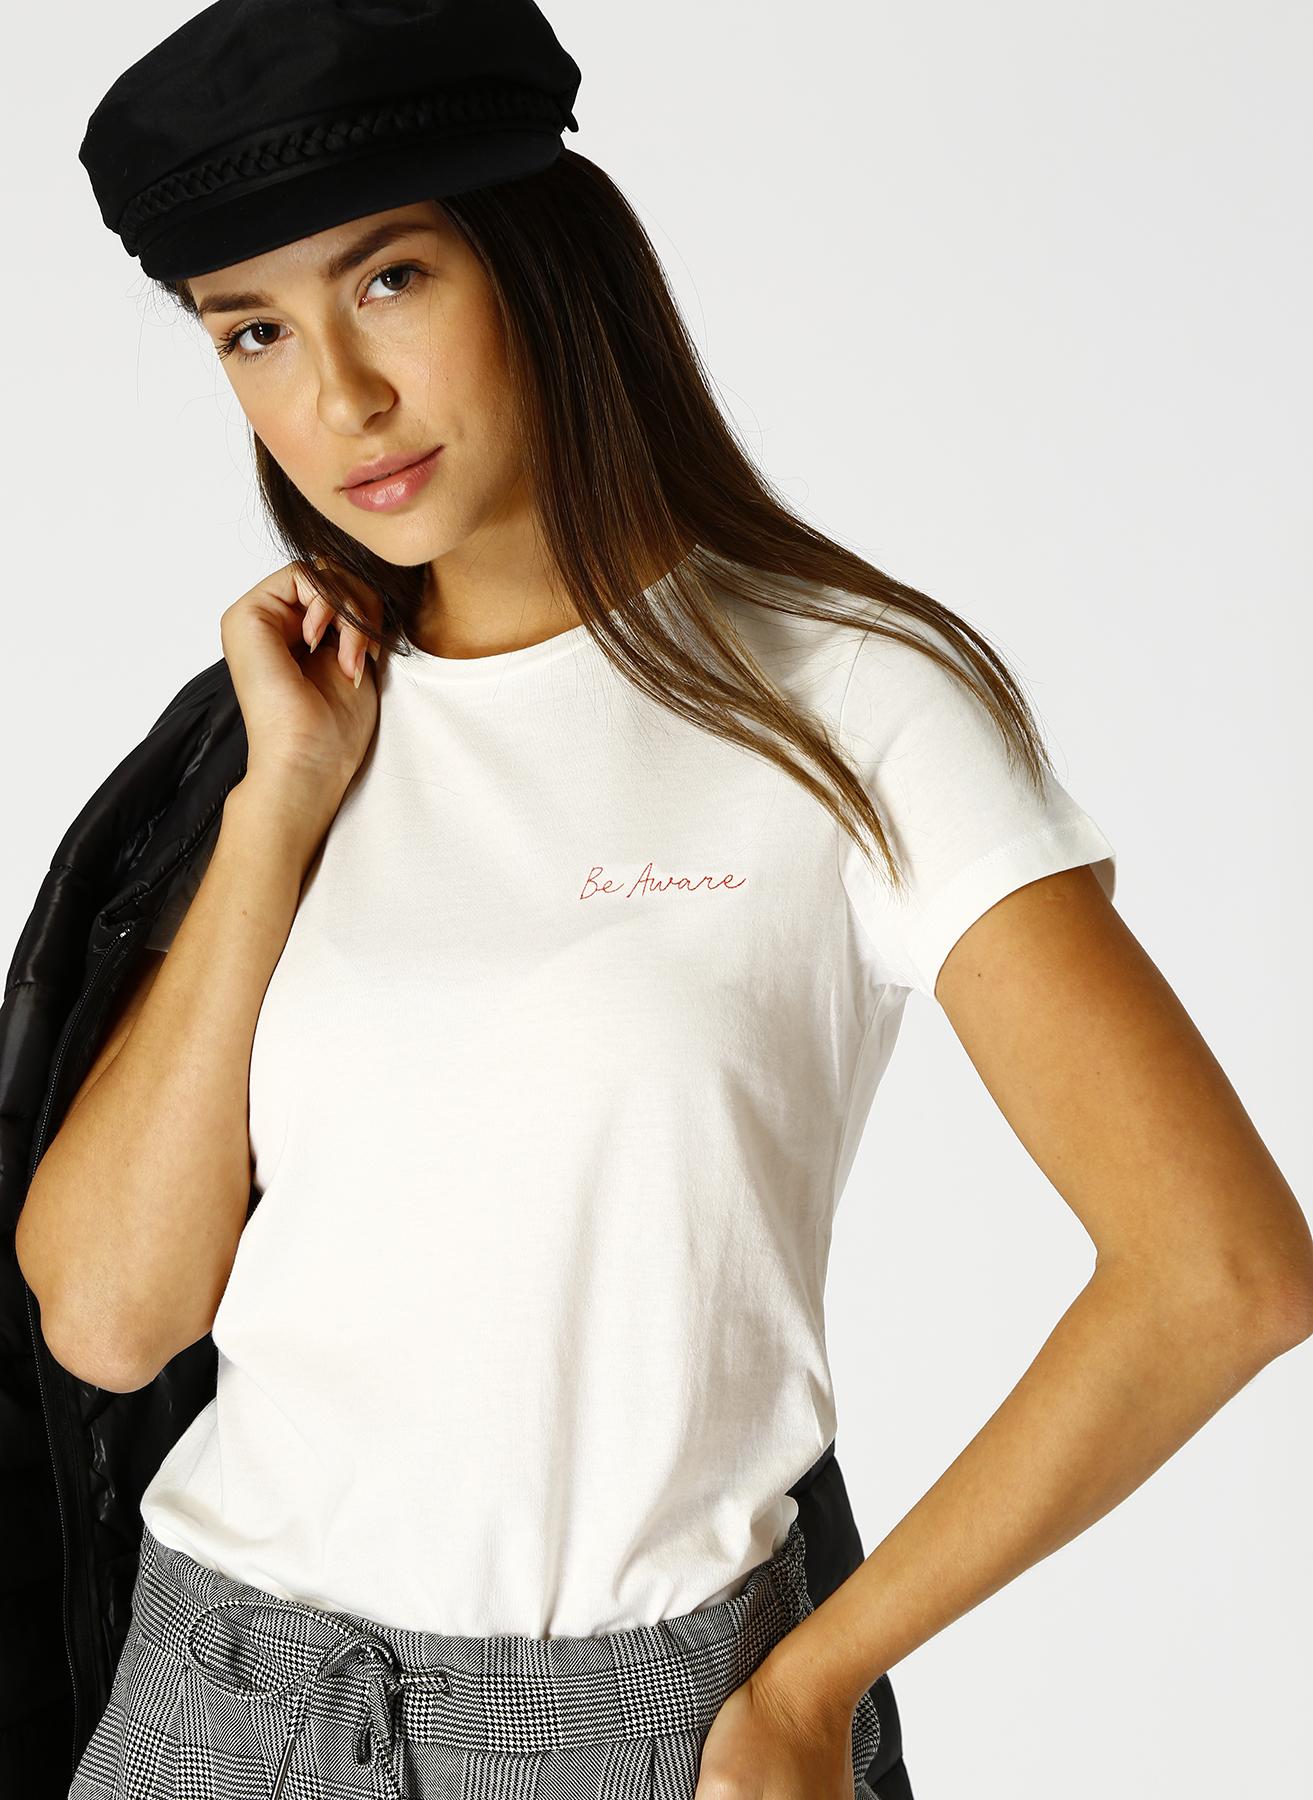 Vero Moda Beyaz T-Shirt S 5001705231003 Ürün Resmi